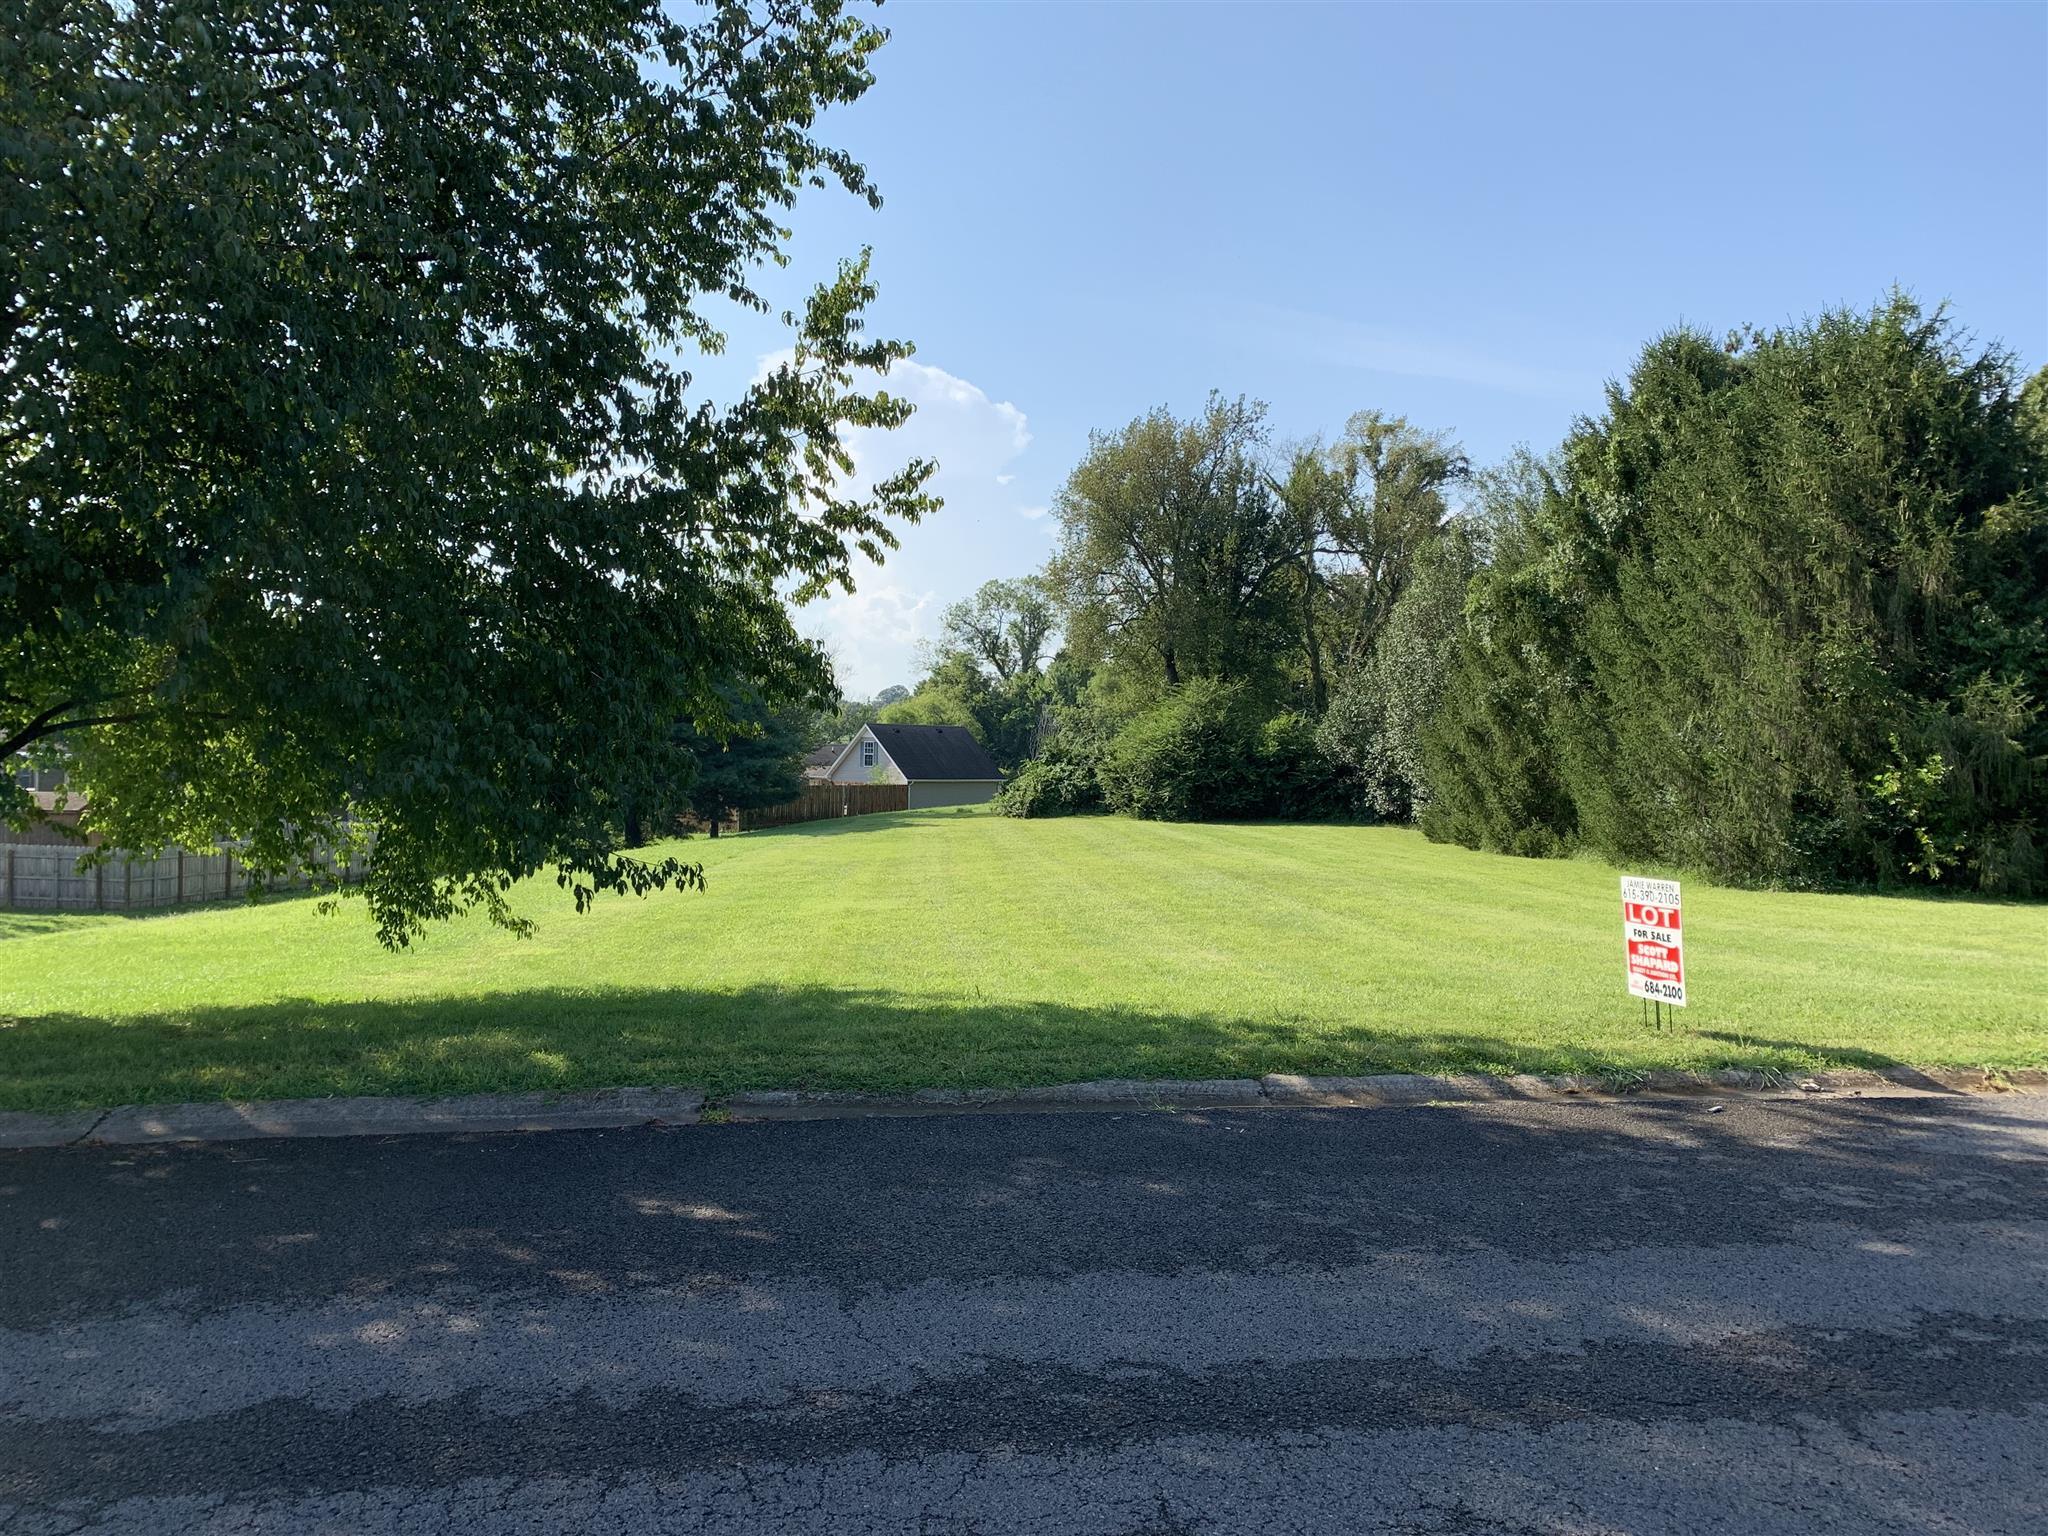 105 Fairlane, Shelbyville, TN 37160 - Shelbyville, TN real estate listing